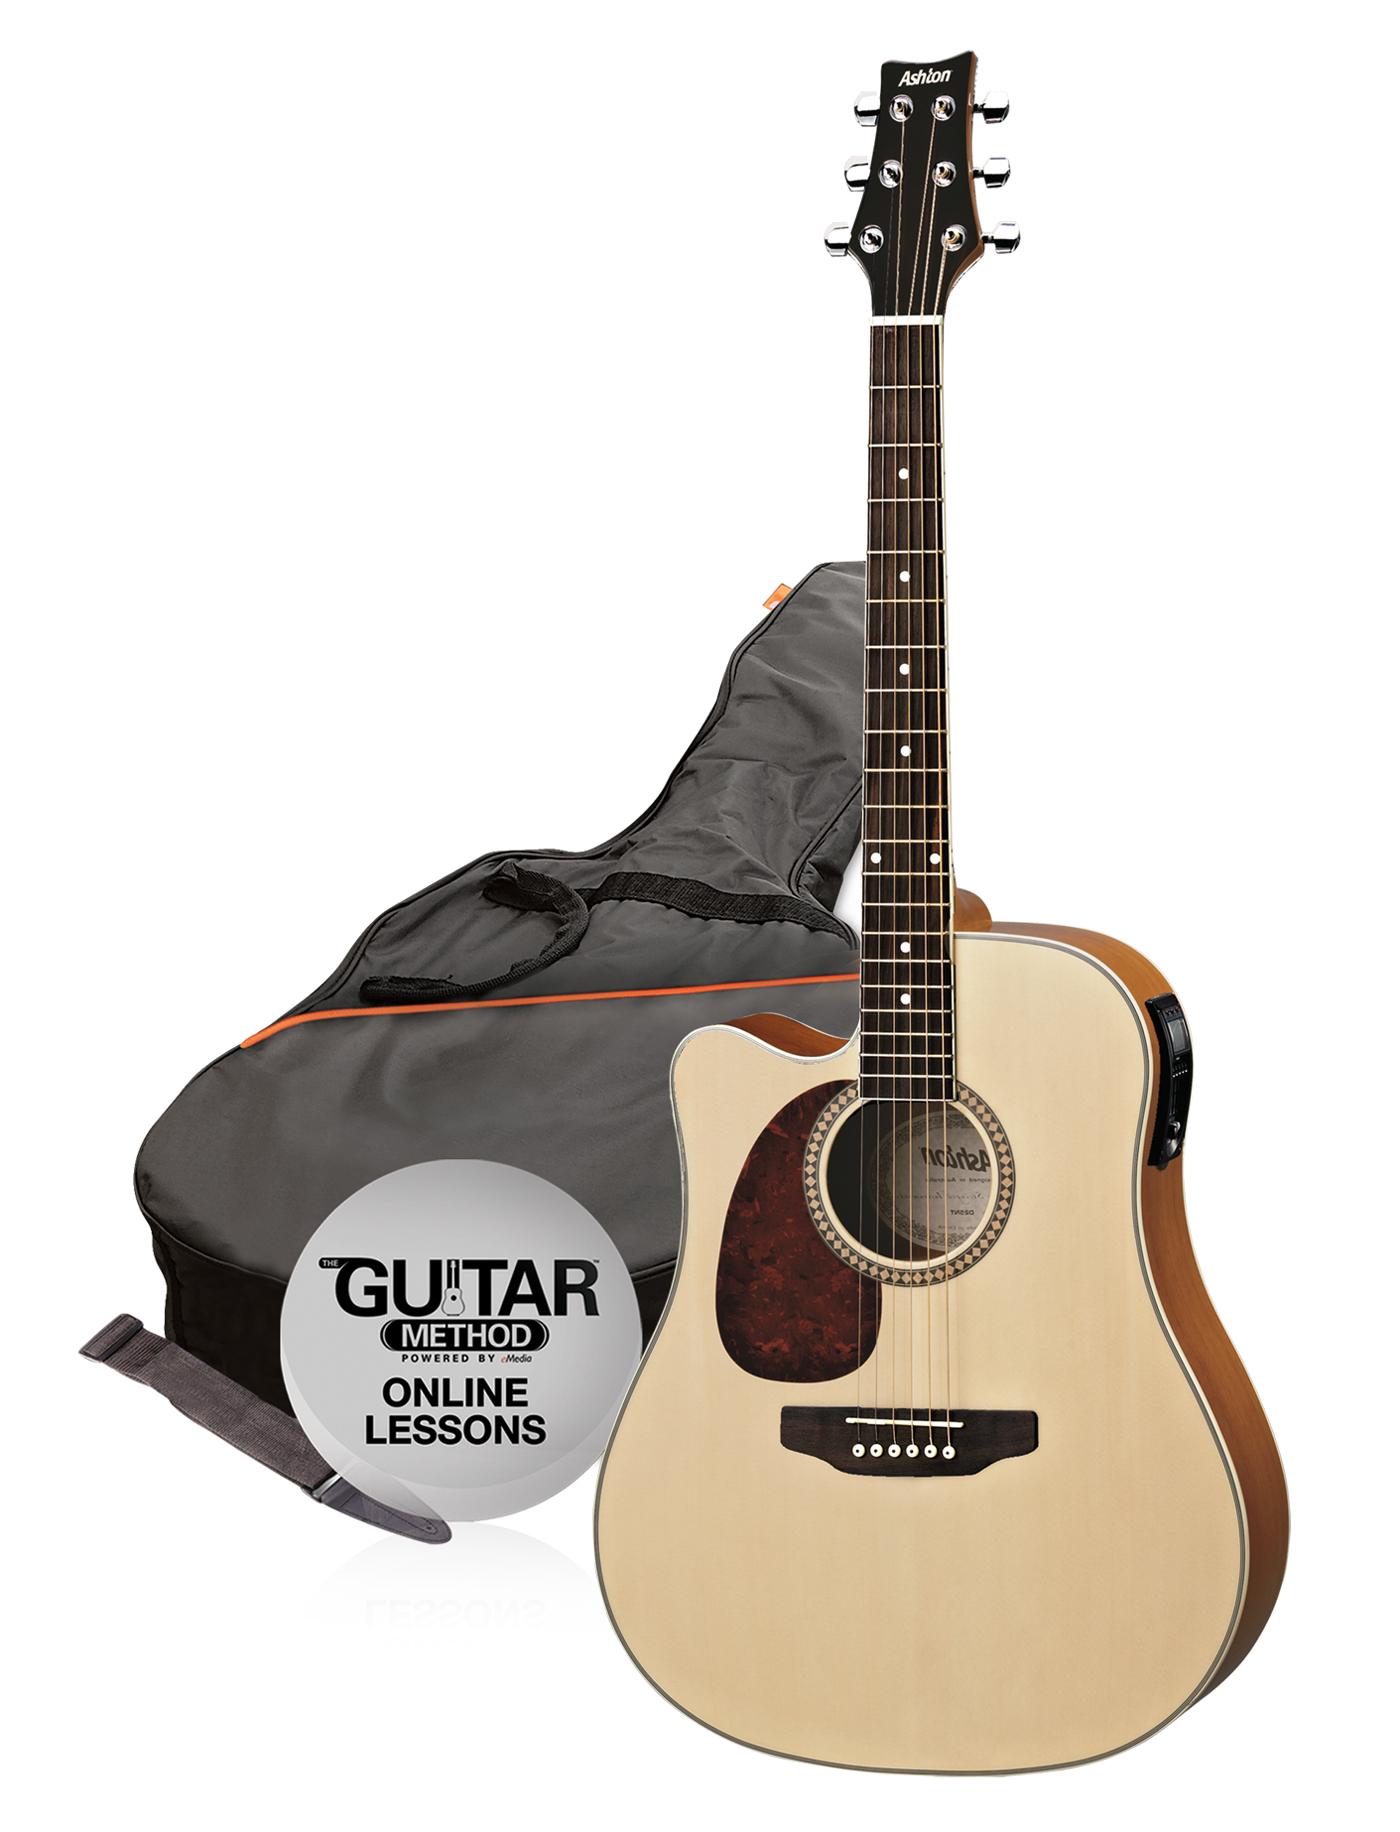 SPD25CEQLNTM - Pack Guitarra Electroacustica Natural Mate Zurdo Spd25Ceql-Ntm - Ashton